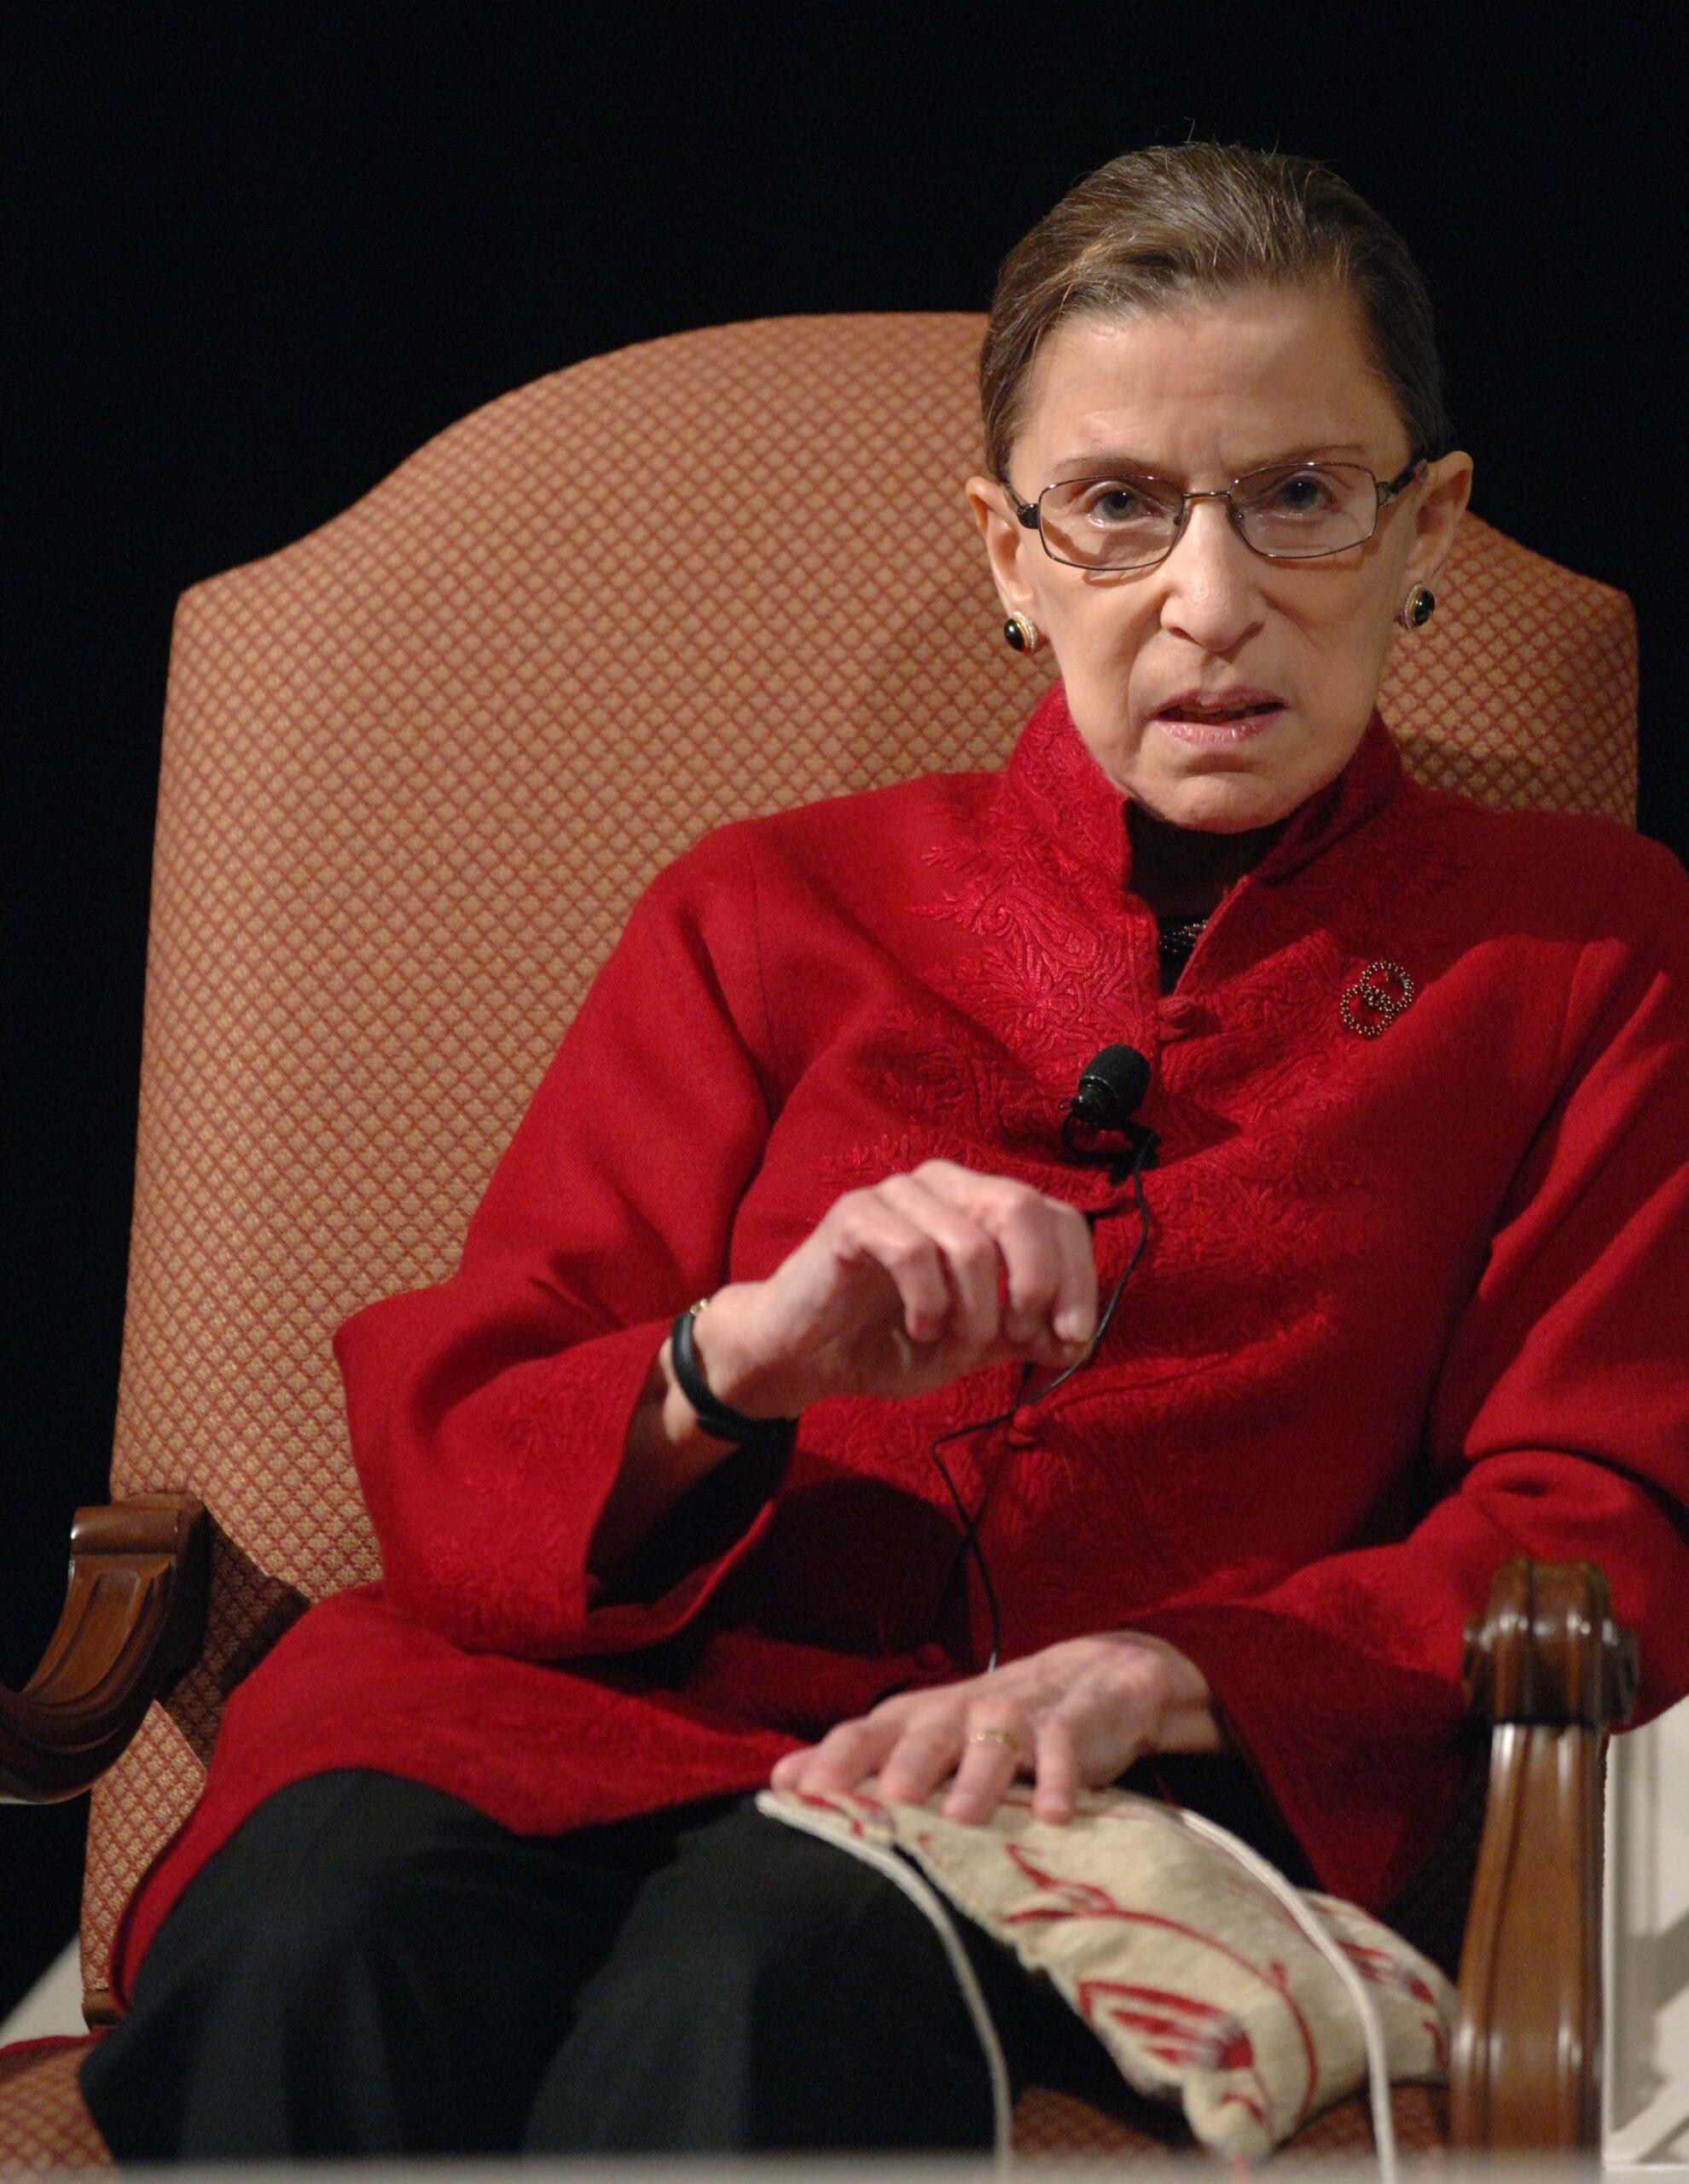 Ruth Bader Ginsburg,